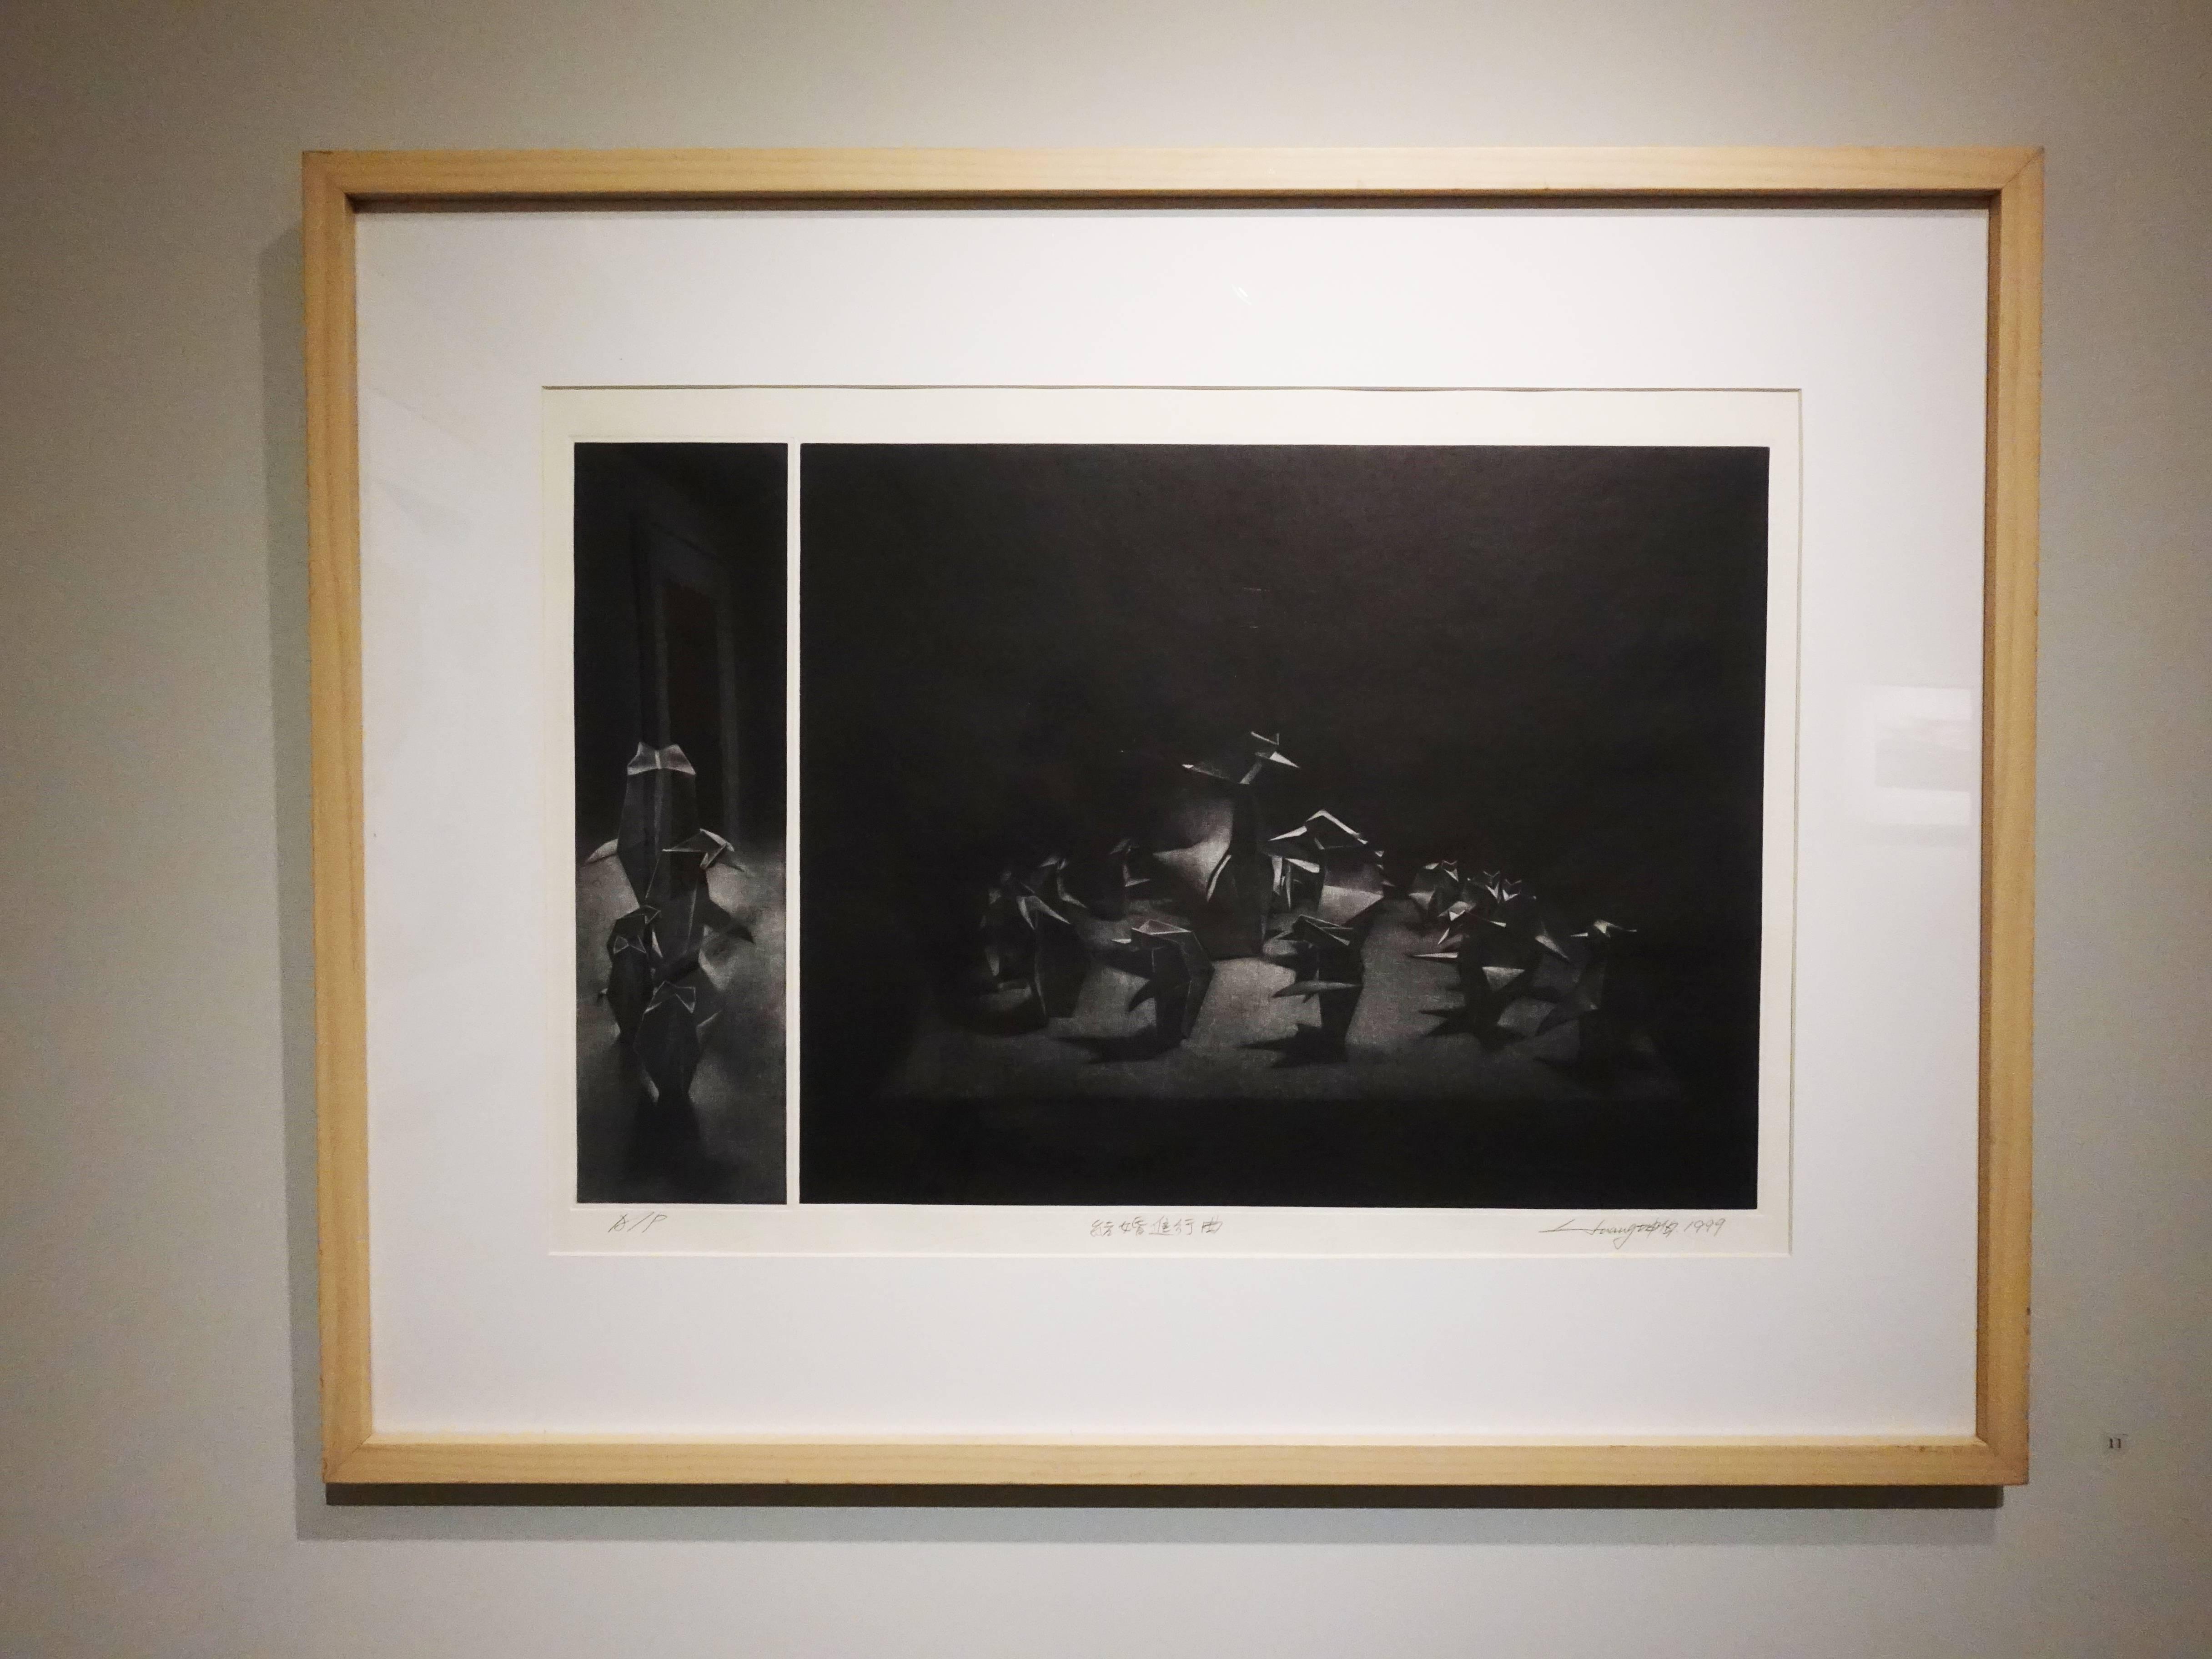 黃坤伯,《結婚進行曲》,39 x 60 cm,AP,銅版、美柔汀,1999。